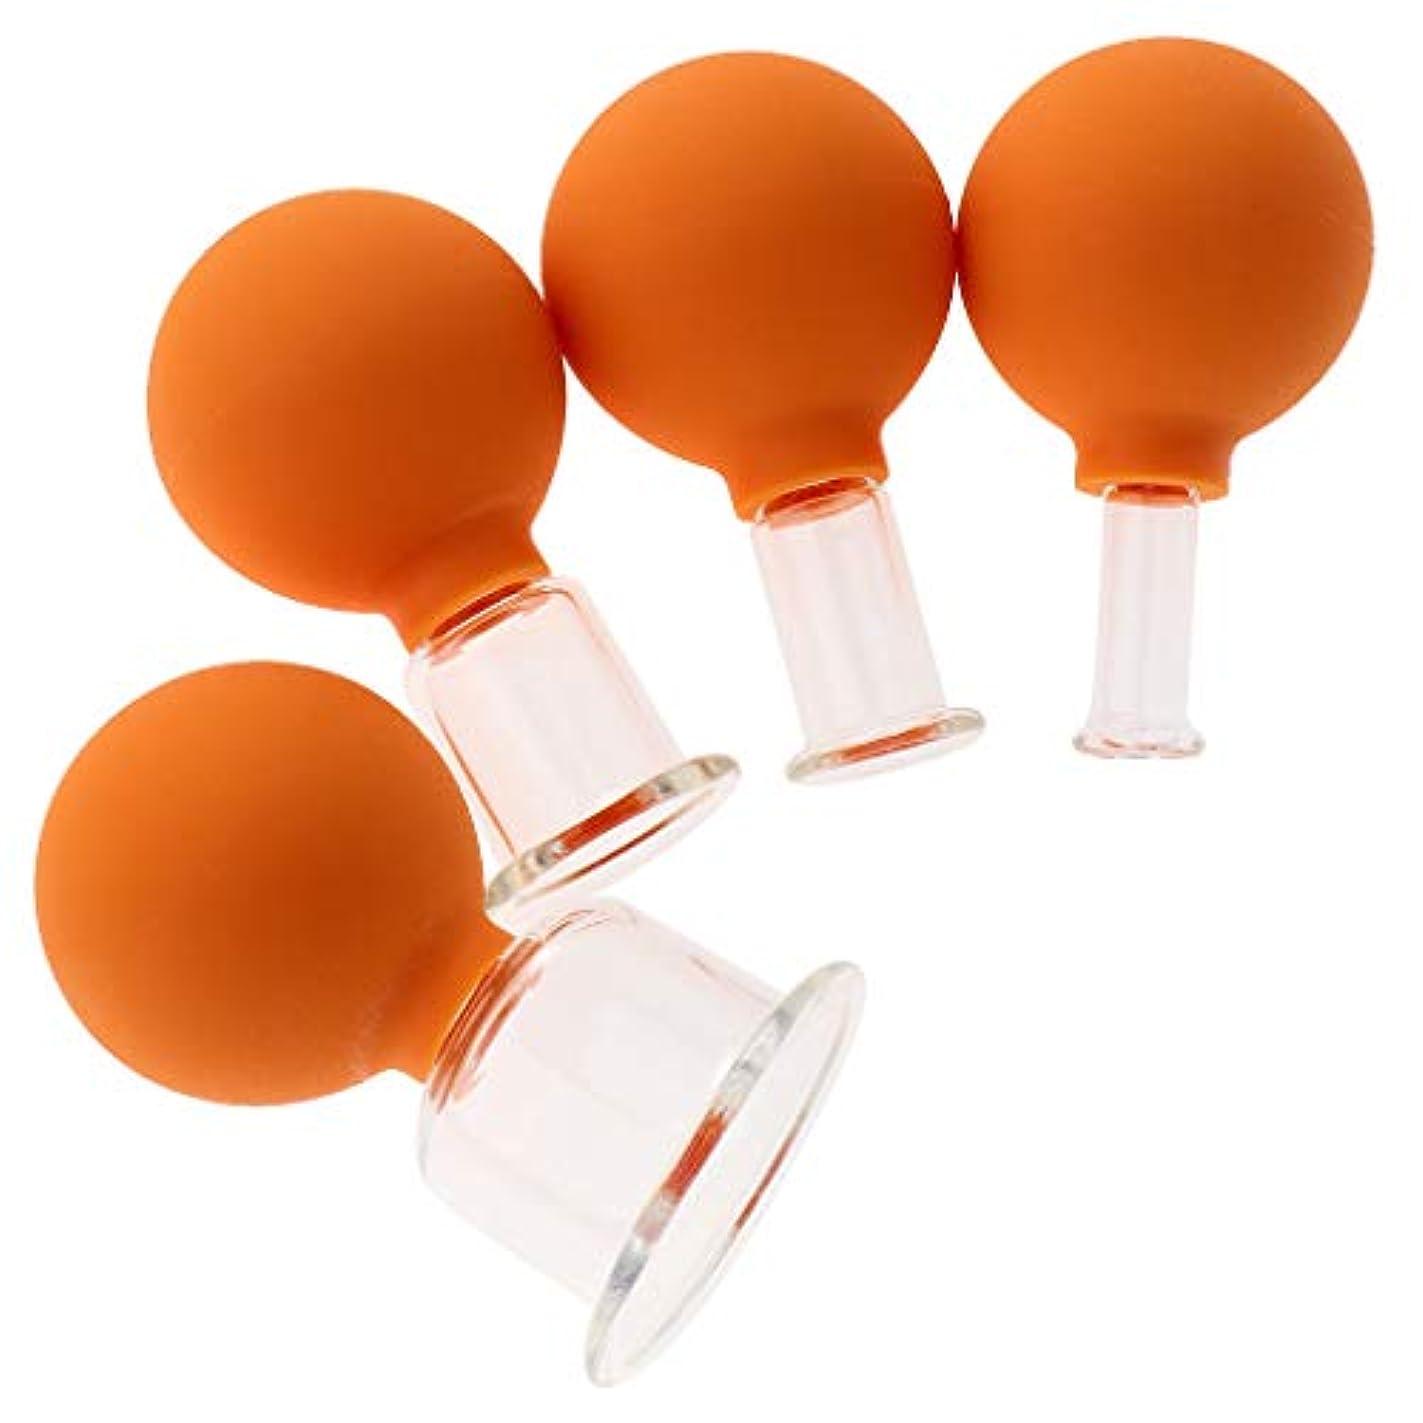 涙が出る半球閉じ込めるボディヘッドネック用4バキュームマッサージカップアンチセルライトガラスカップのセット - オレンジ